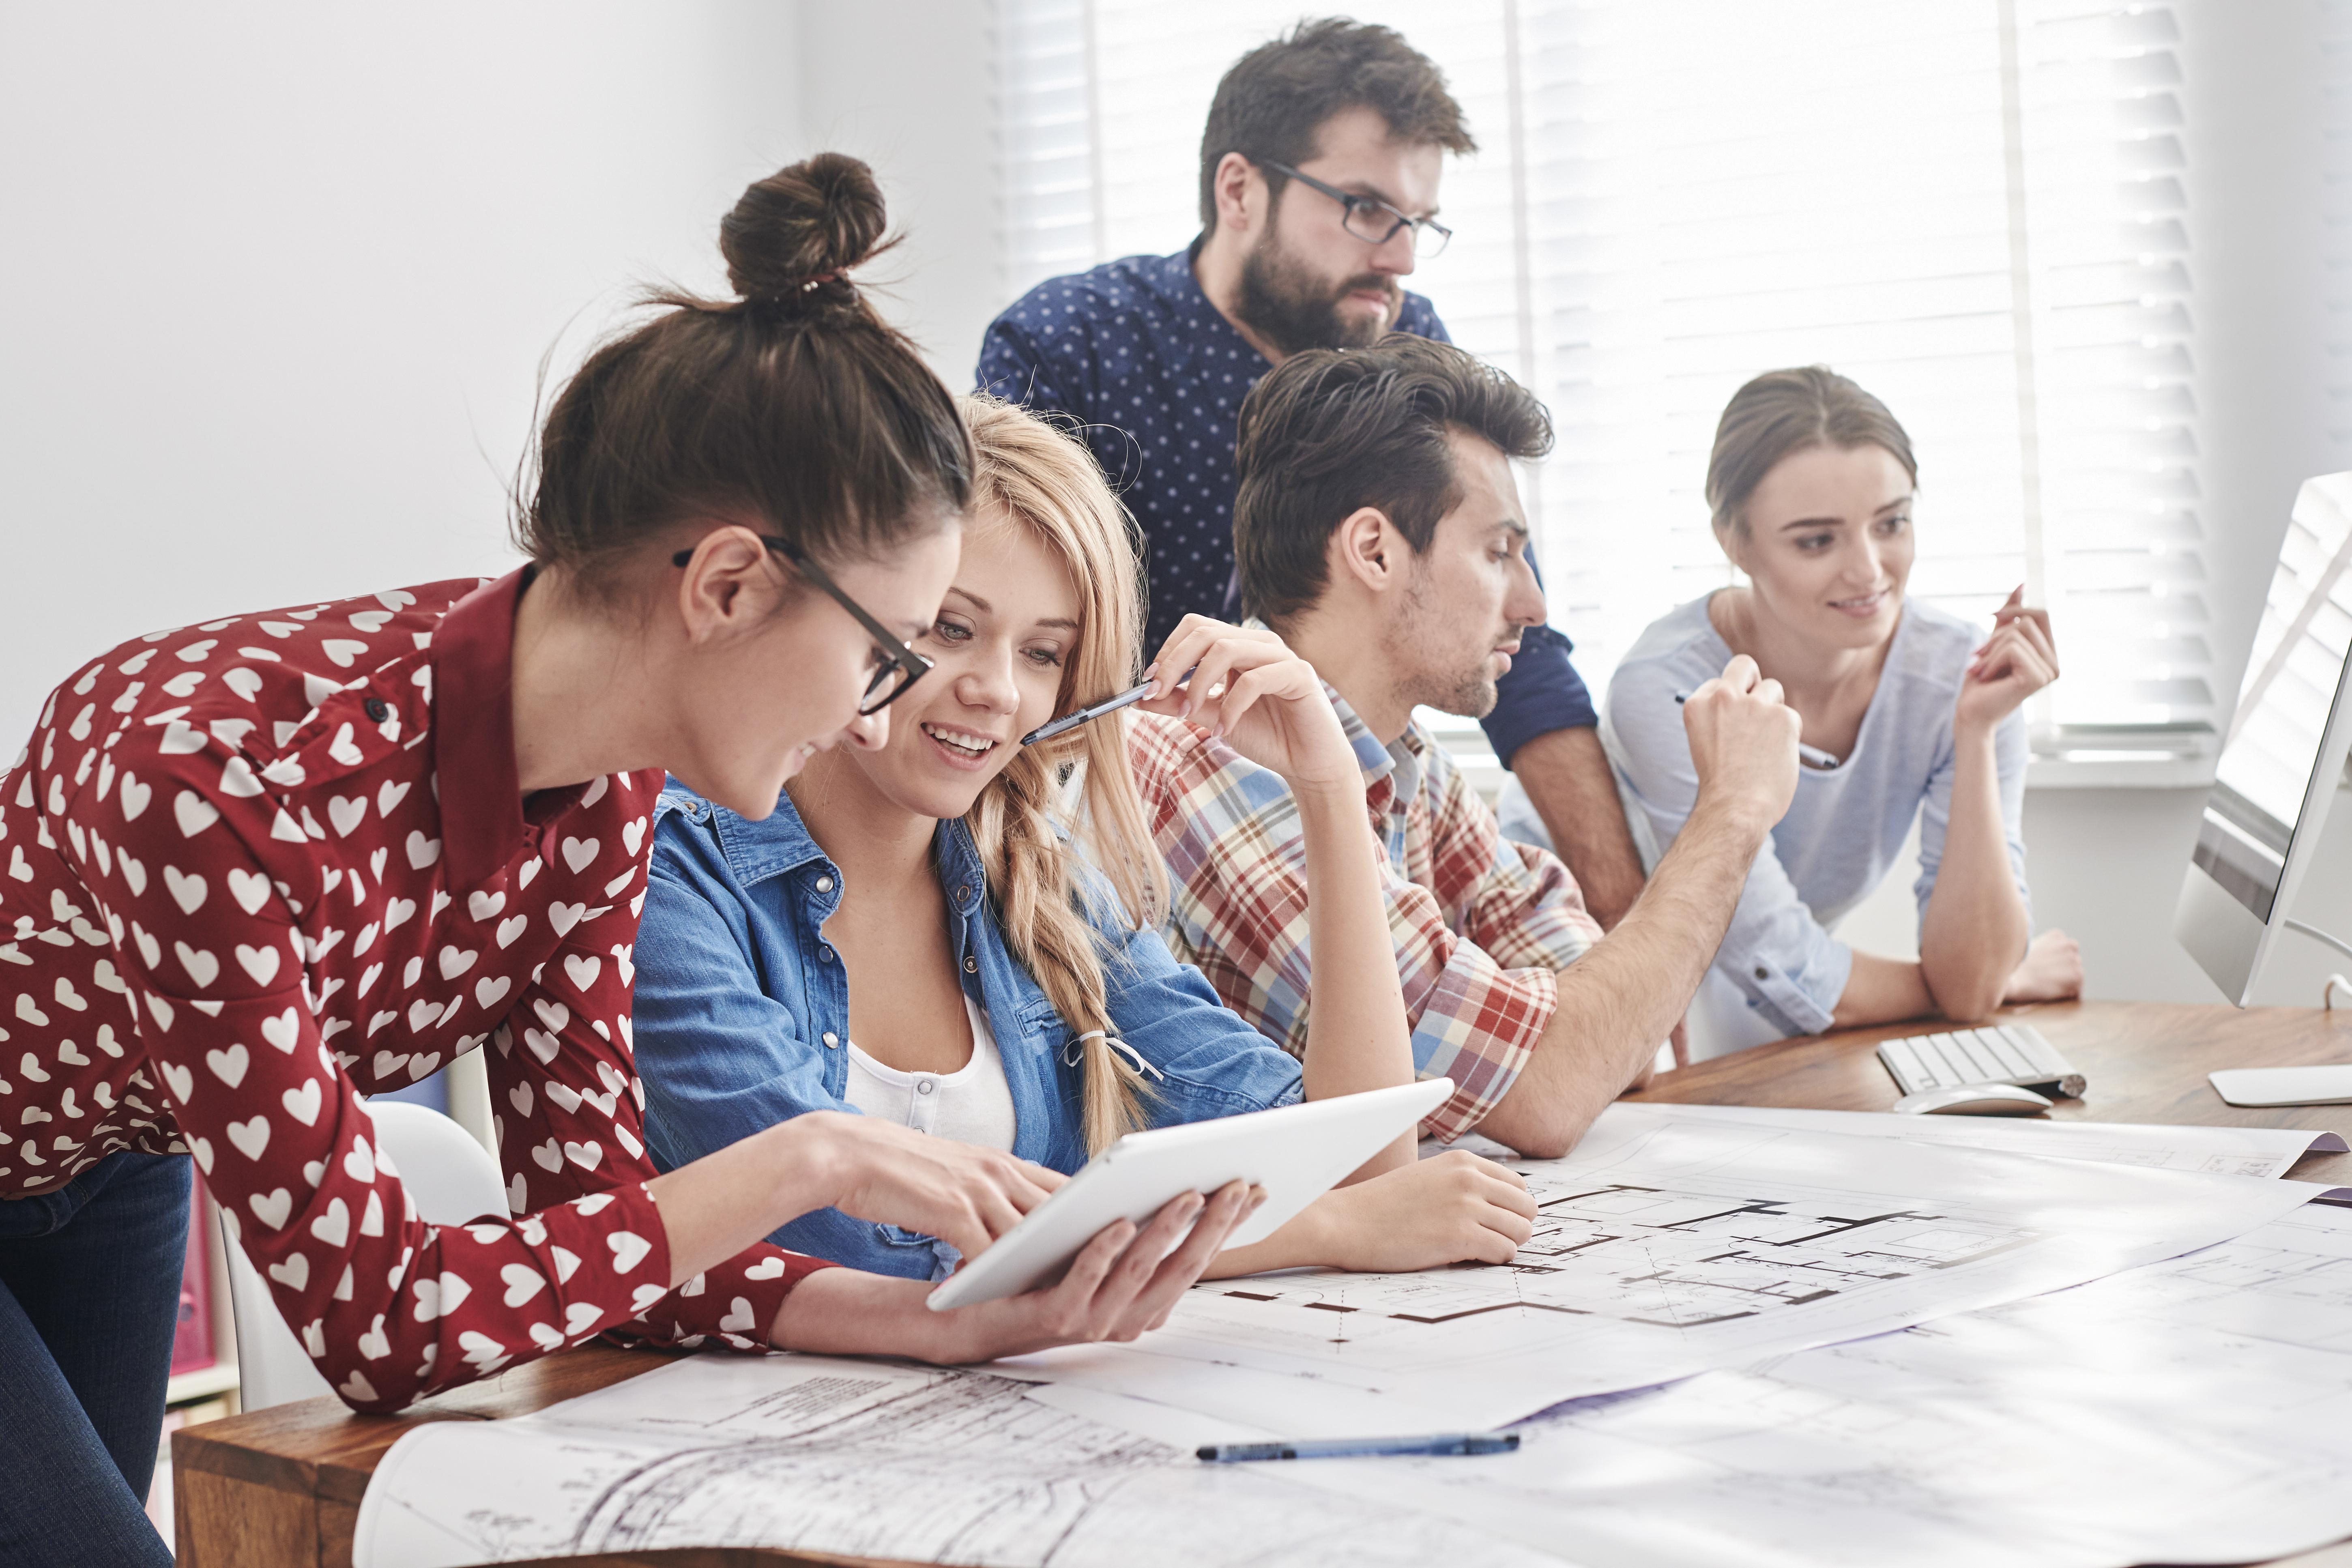 Creatividad en los negocios: ¿qué tan relevante es?